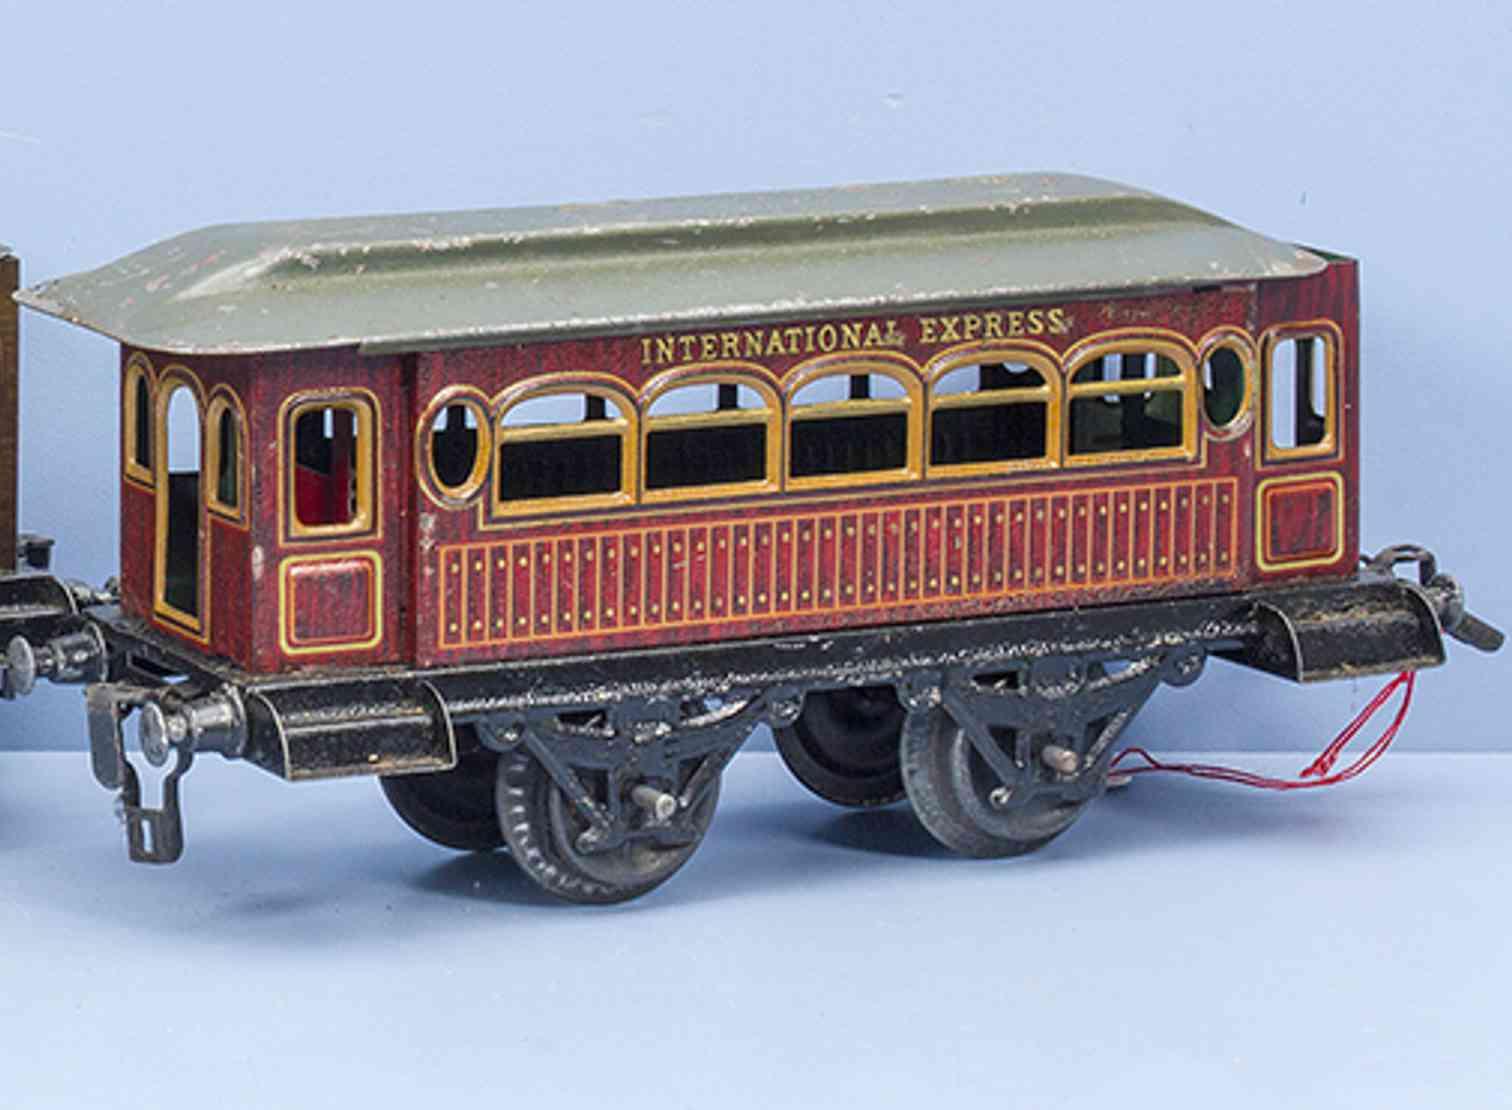 kraus-fandor 1206 spielzeug eisenbahn personenwagen international express spur 1